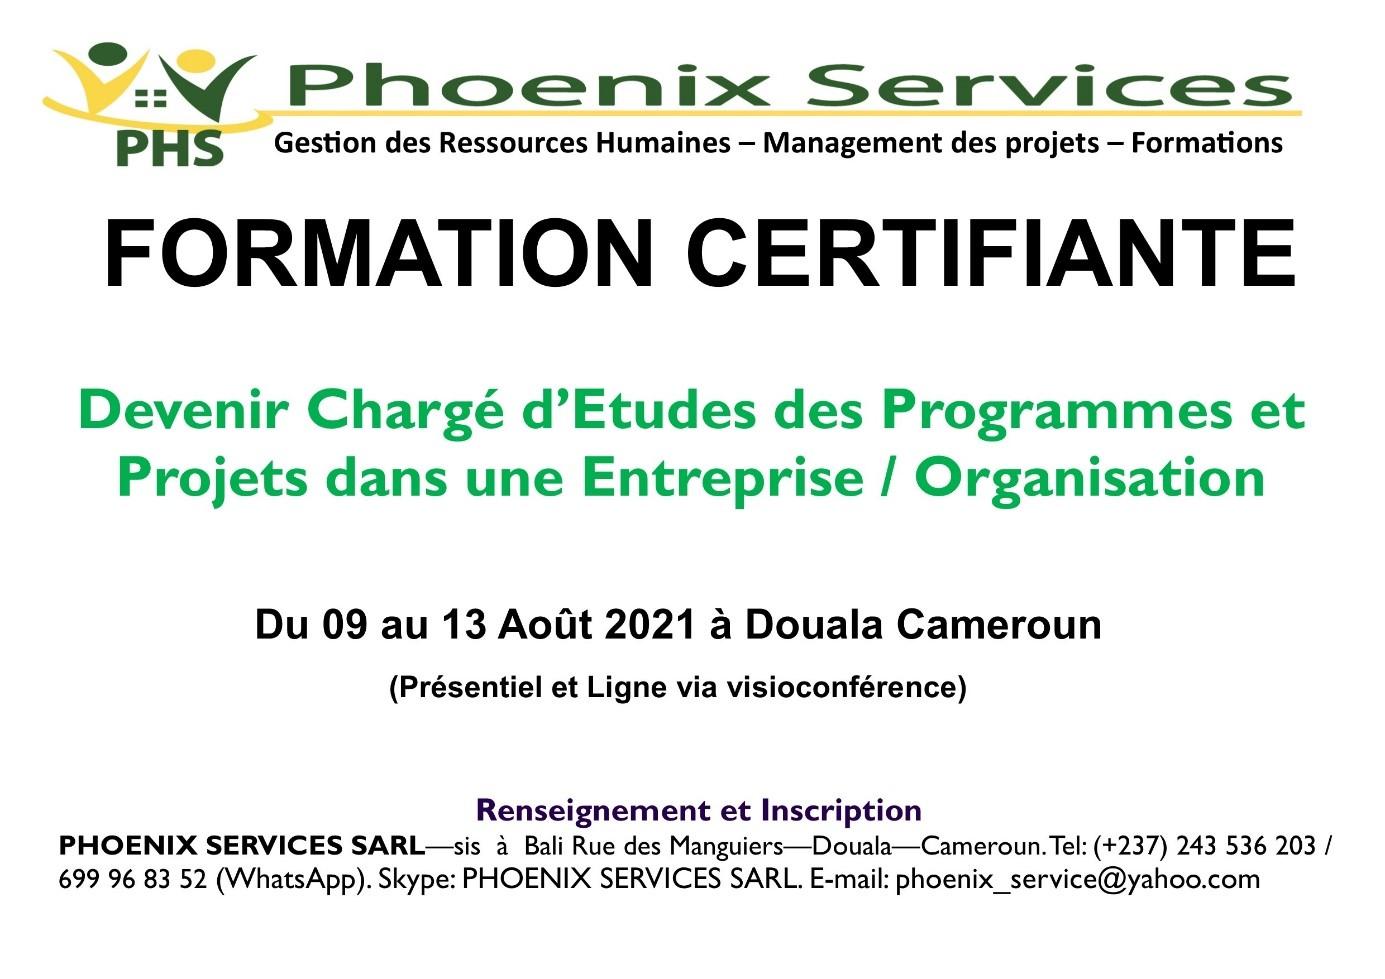 Formation Certifiante: Devenir chargé d'études des Programmes et Projets dans une Entreprise / Organisation